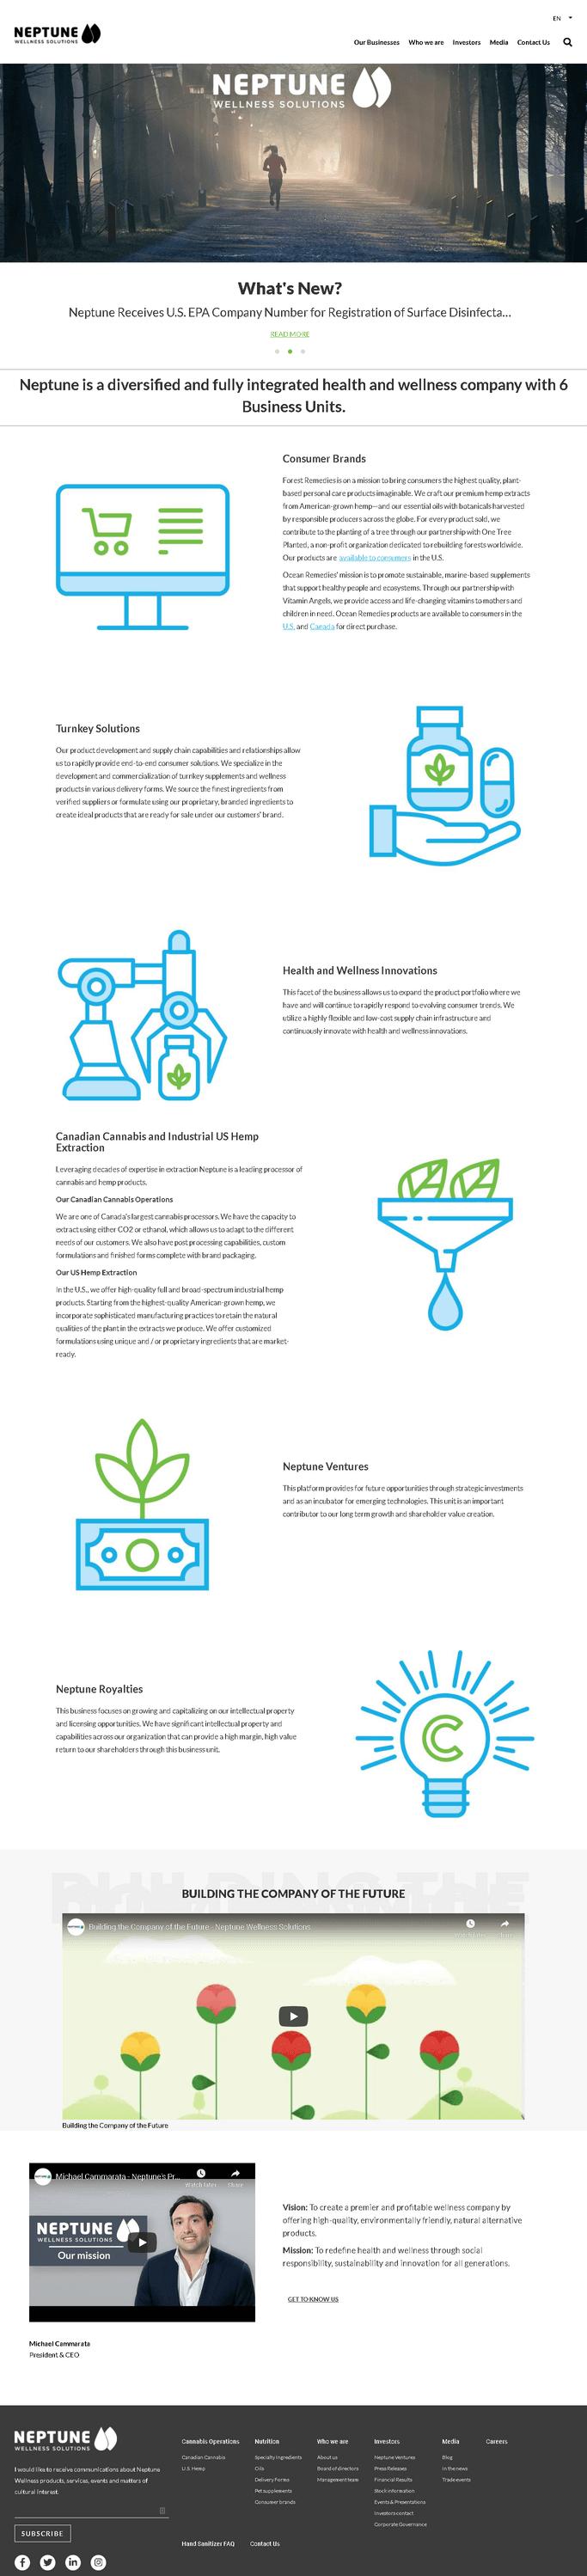 Neptune Wellness Solutions Inc. Website Screenshot